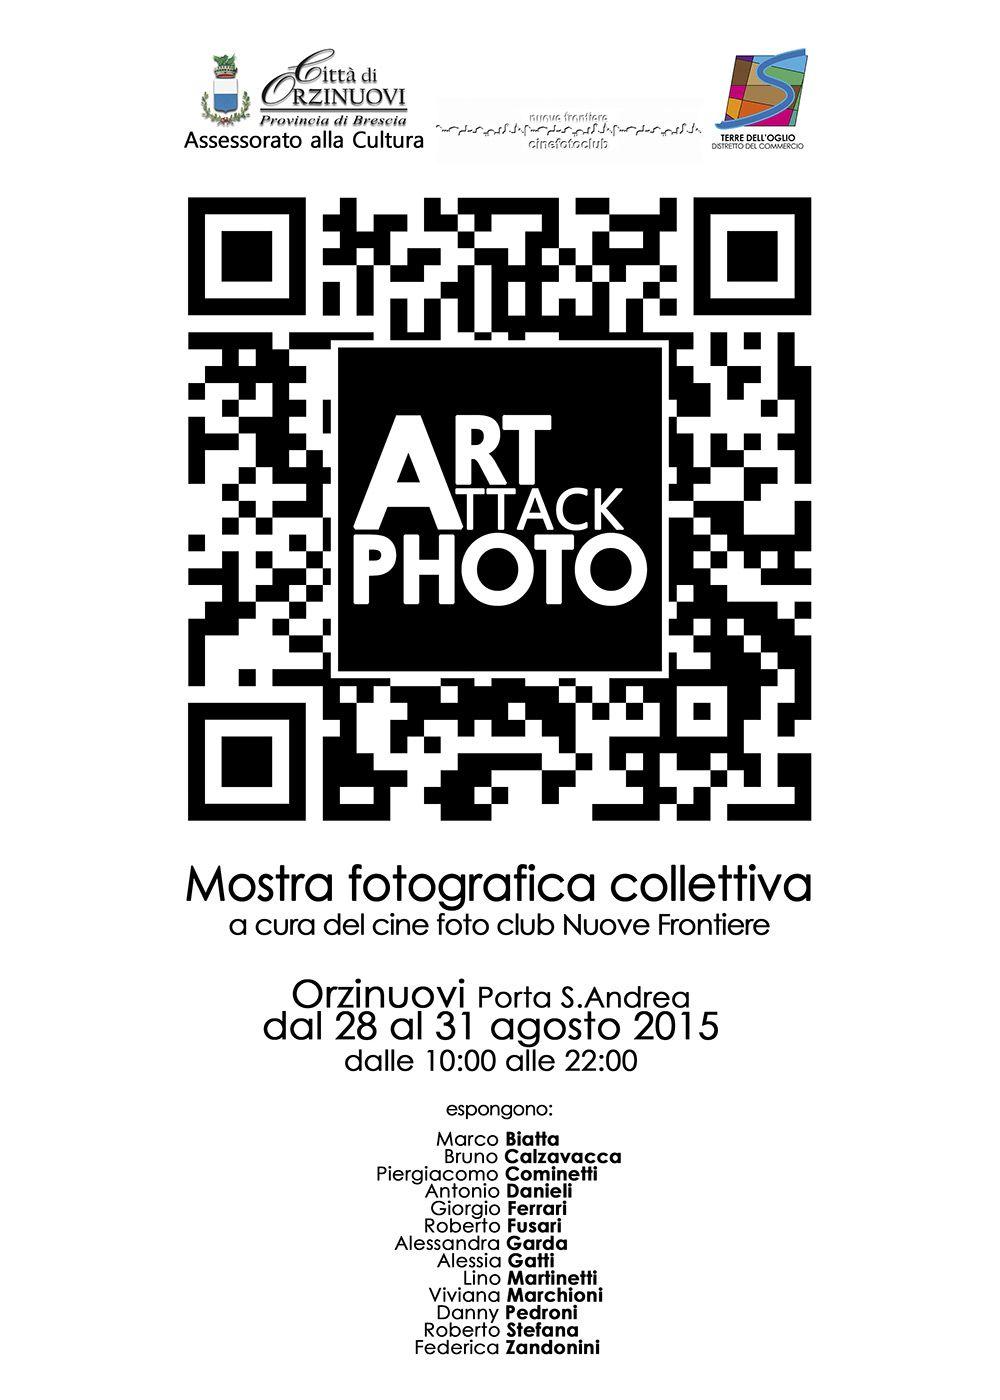 Fiera regionale di Orzinuovi con Art Attack Photo, a cura del Cinefotoclub Nuove Frontiere